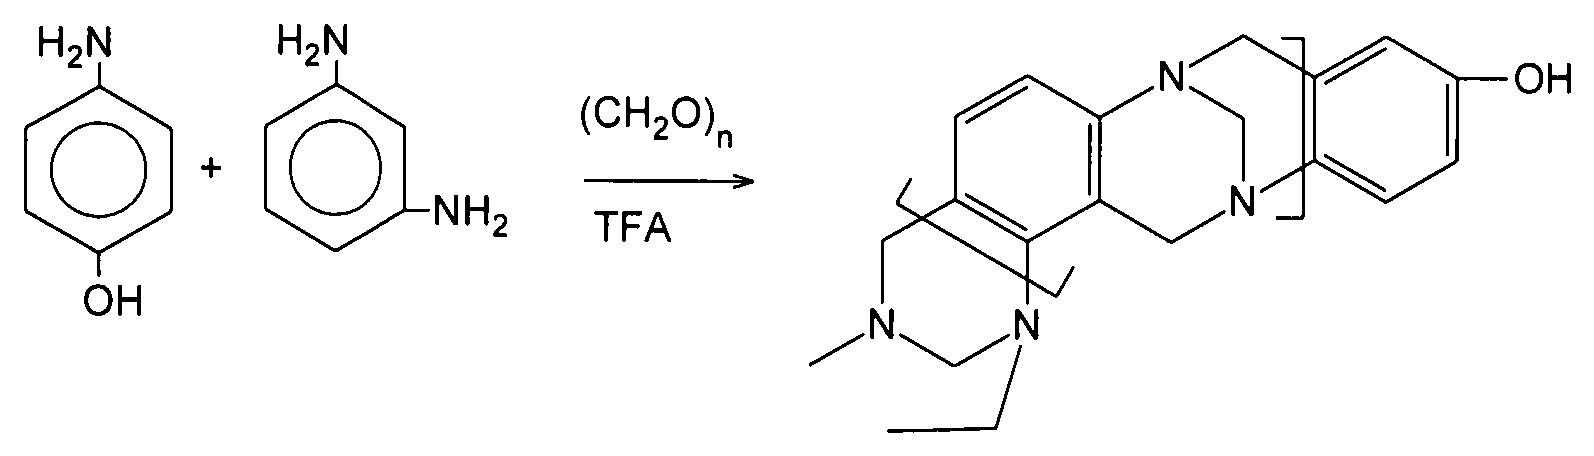 Figure DE112016005378T5_0047